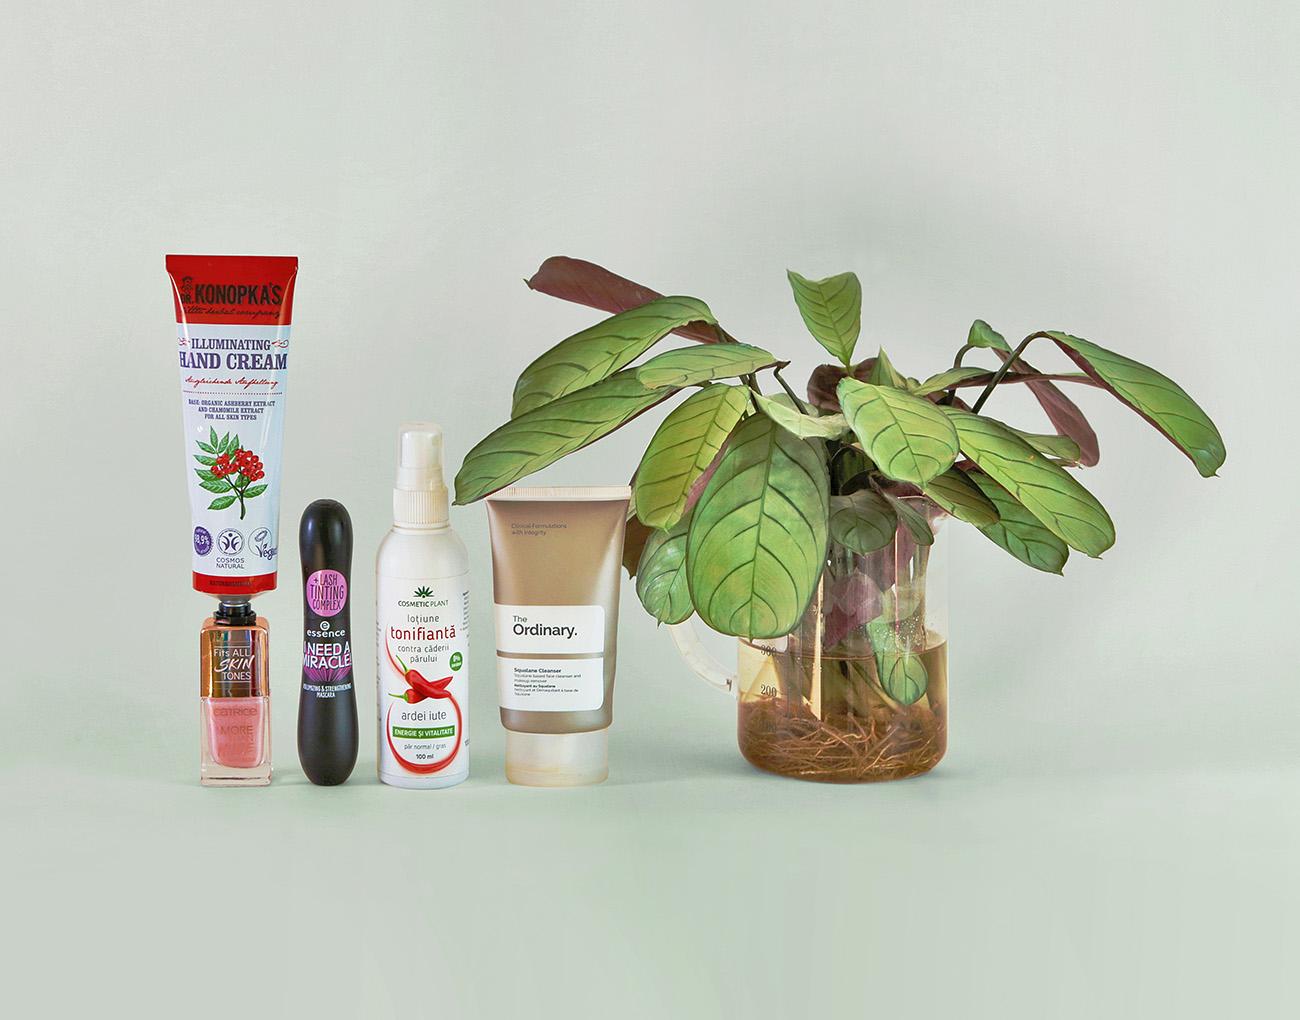 produse cosmetice vegane pentru un buget redus